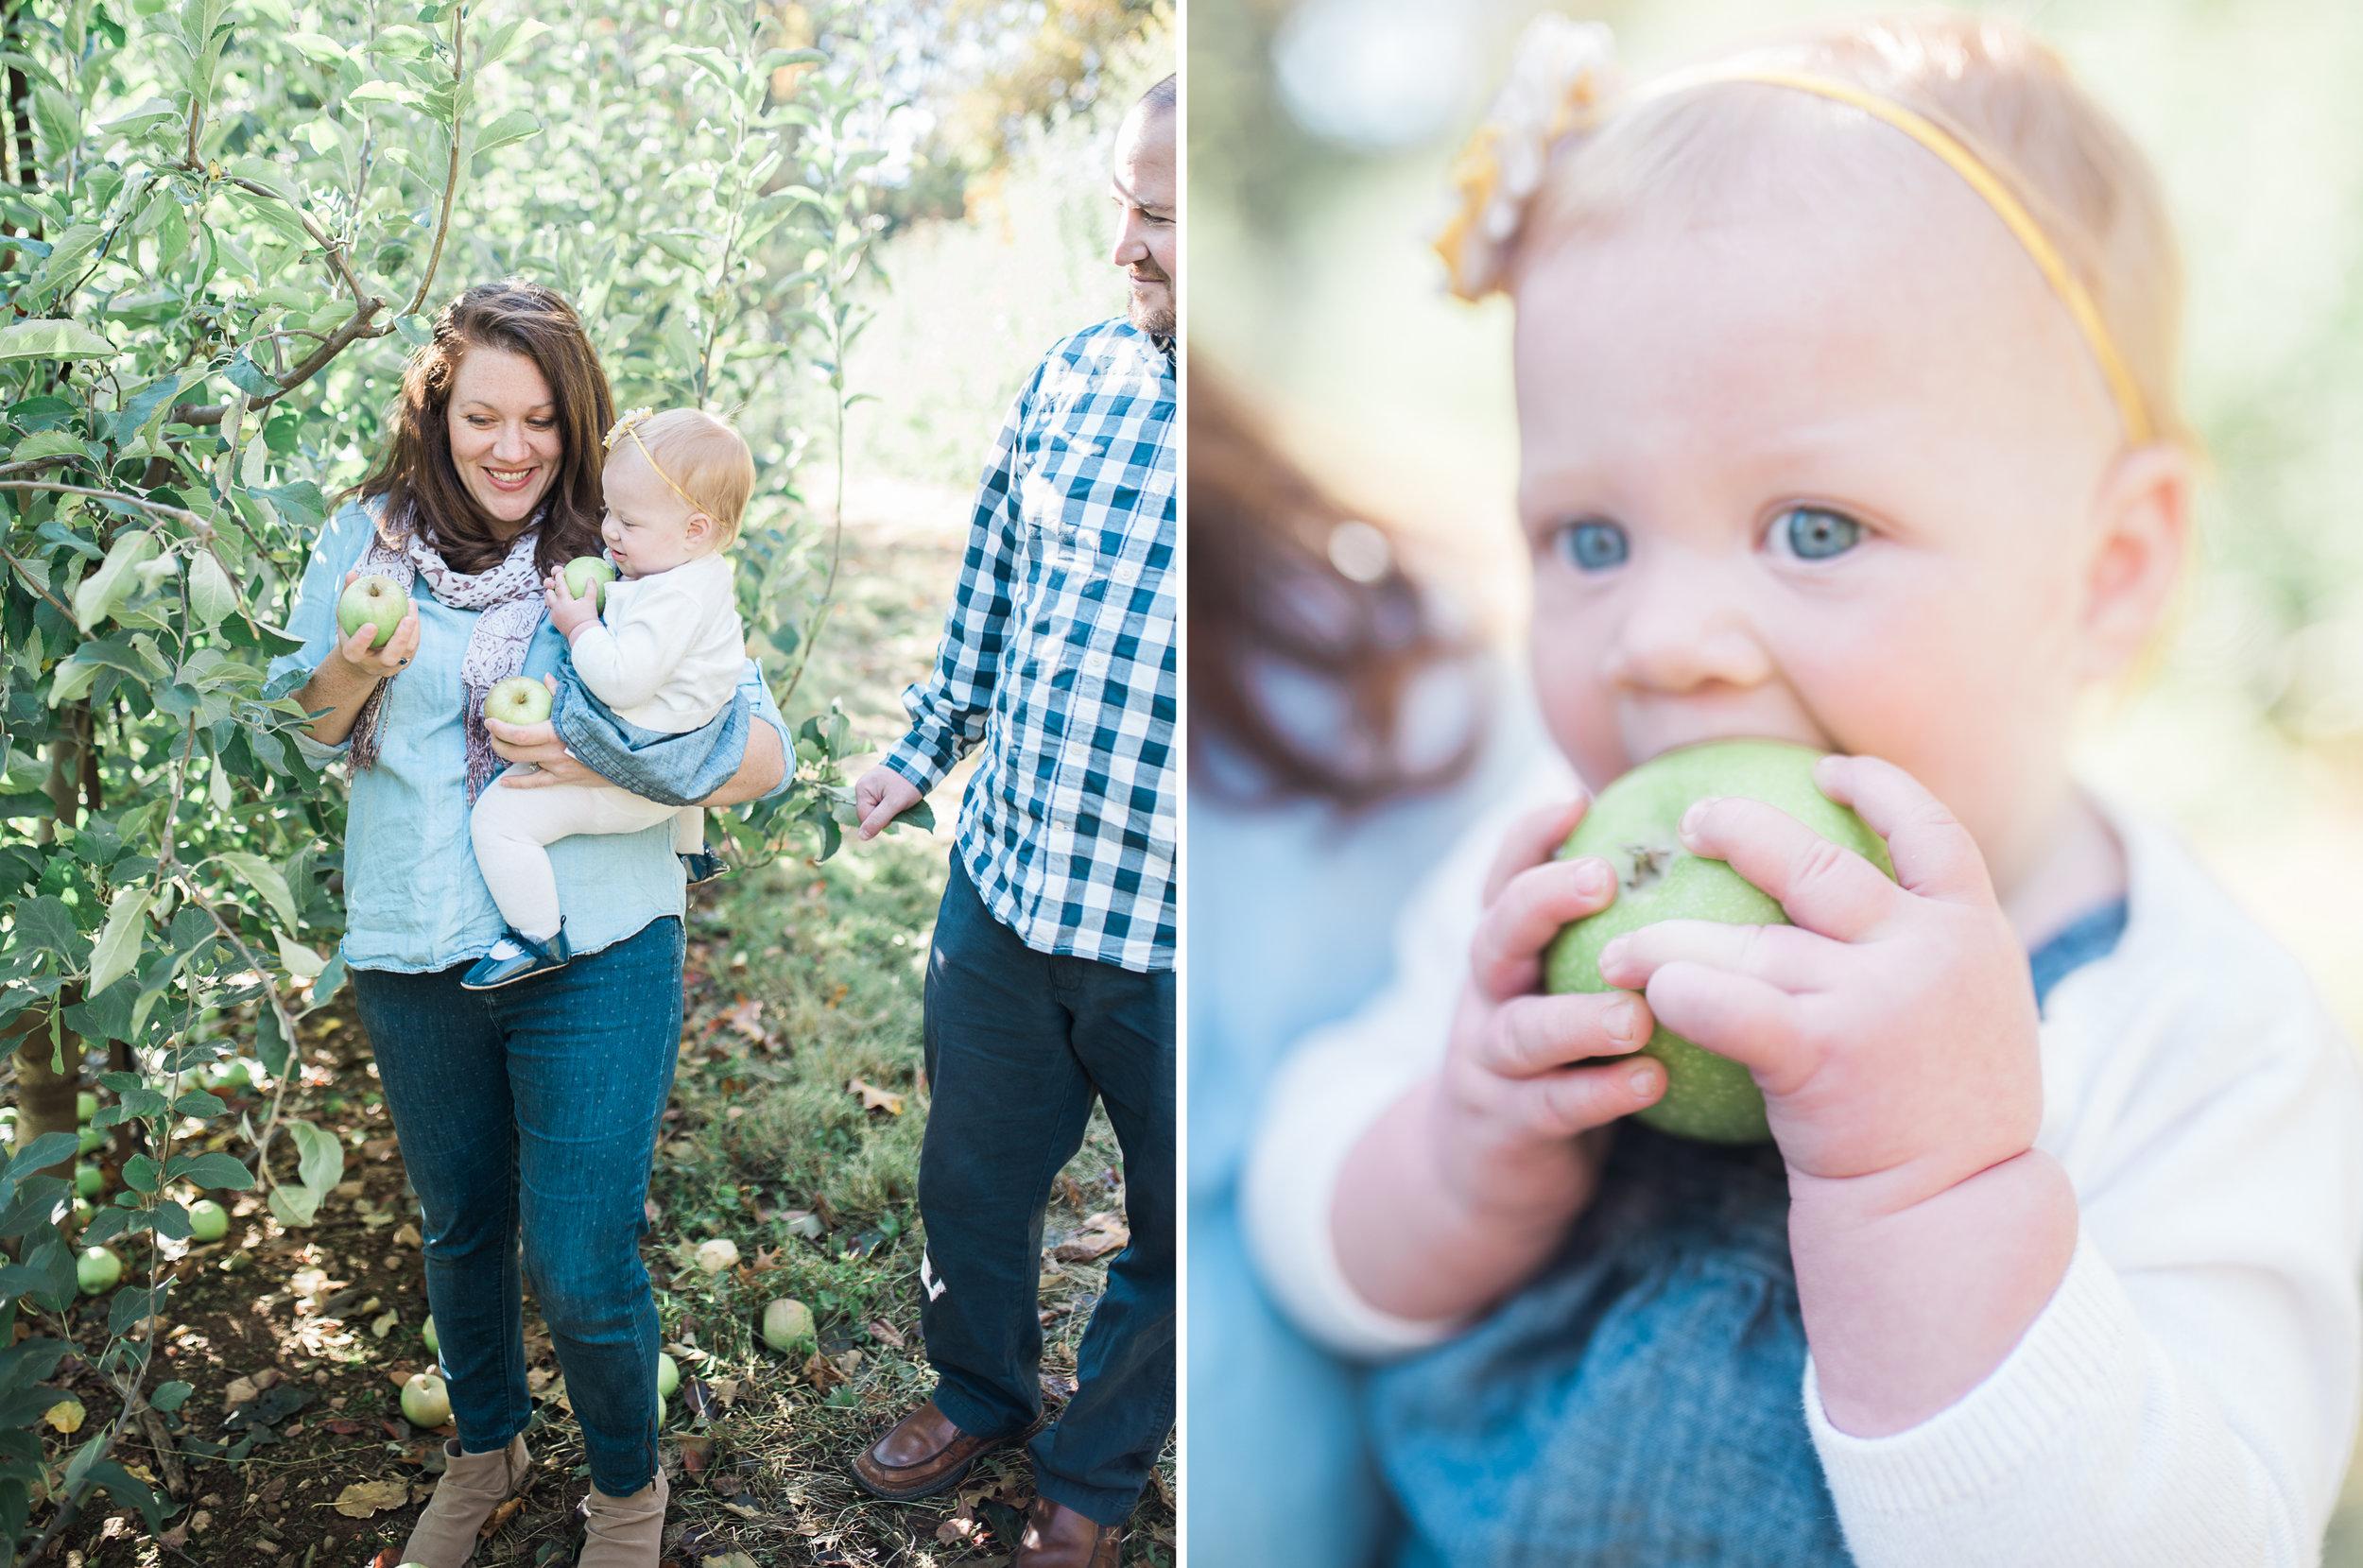 Maryland-family-photographer-lifestyle-photos-by-bklp-breanna-kuhlmann-3.jpg